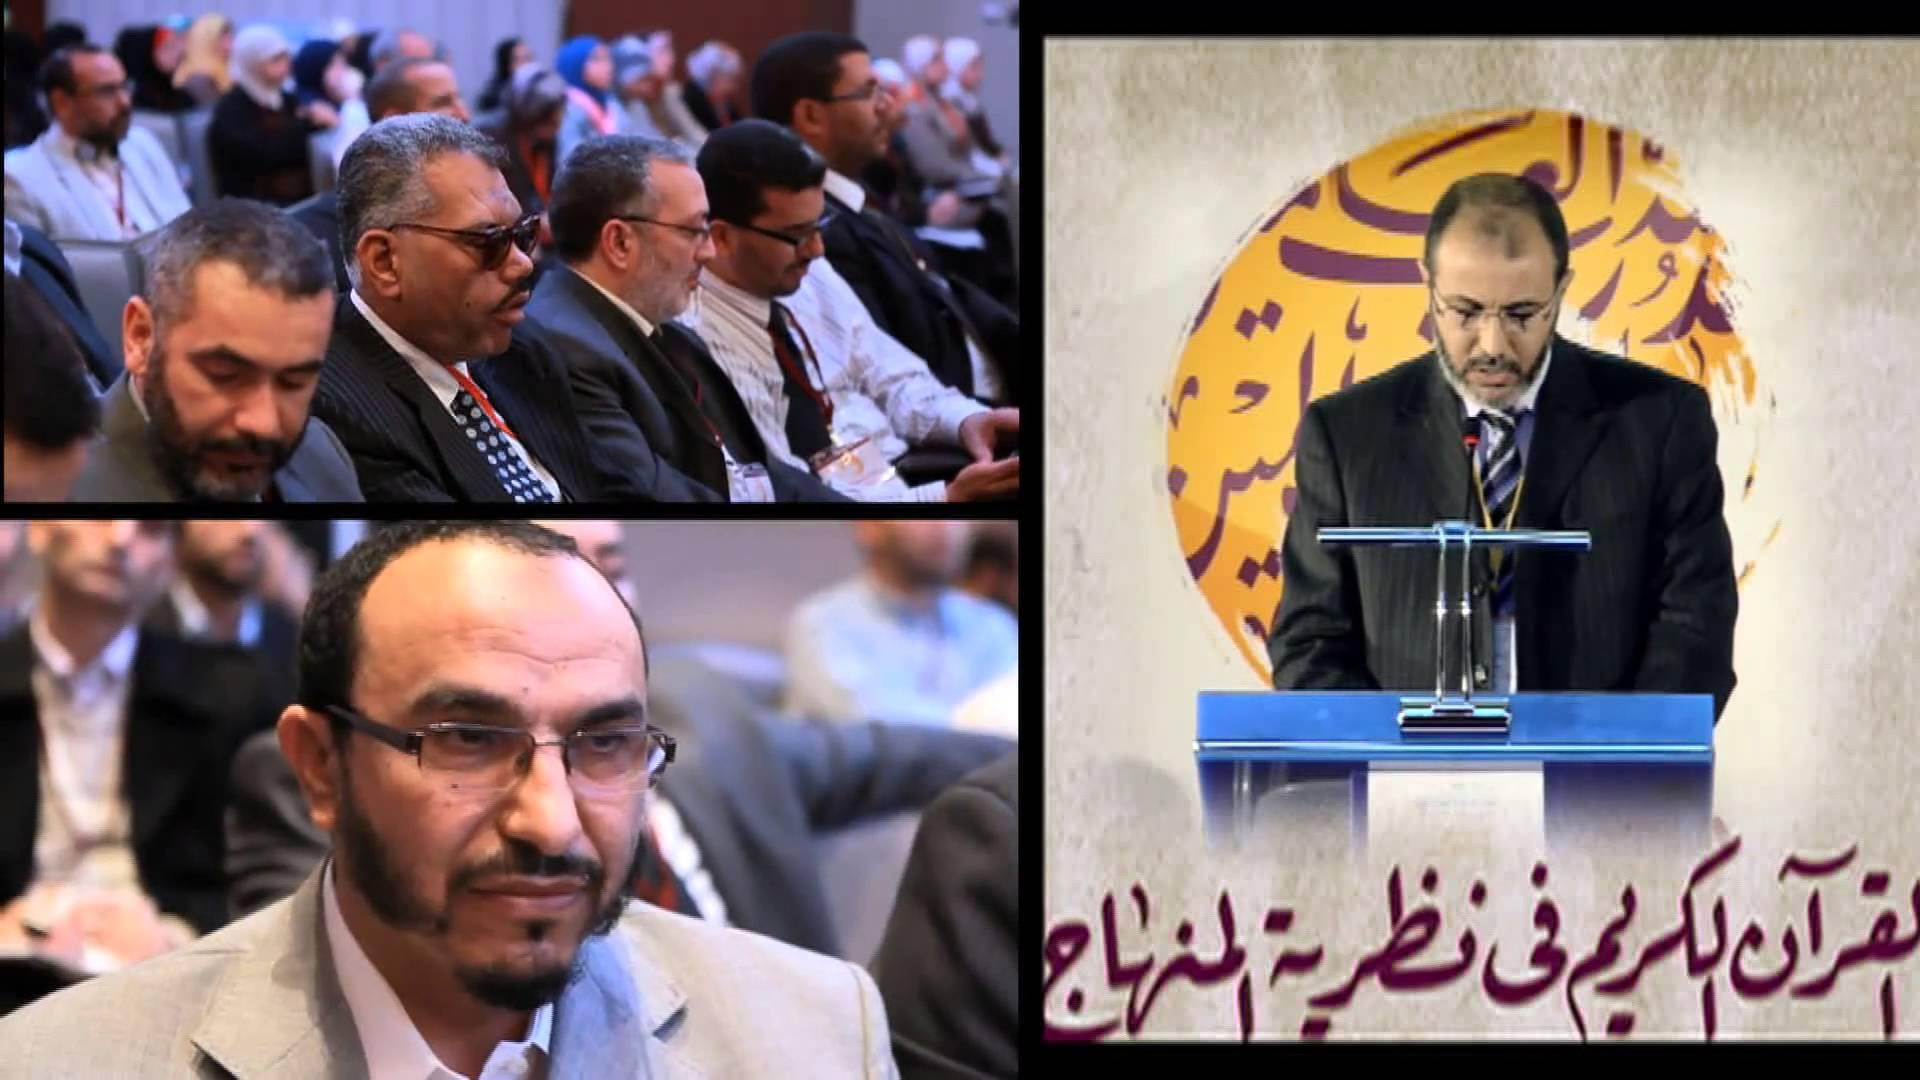 وثائقي – المؤتمر الدولي: مركزية القرآن في نظرية المنهاج